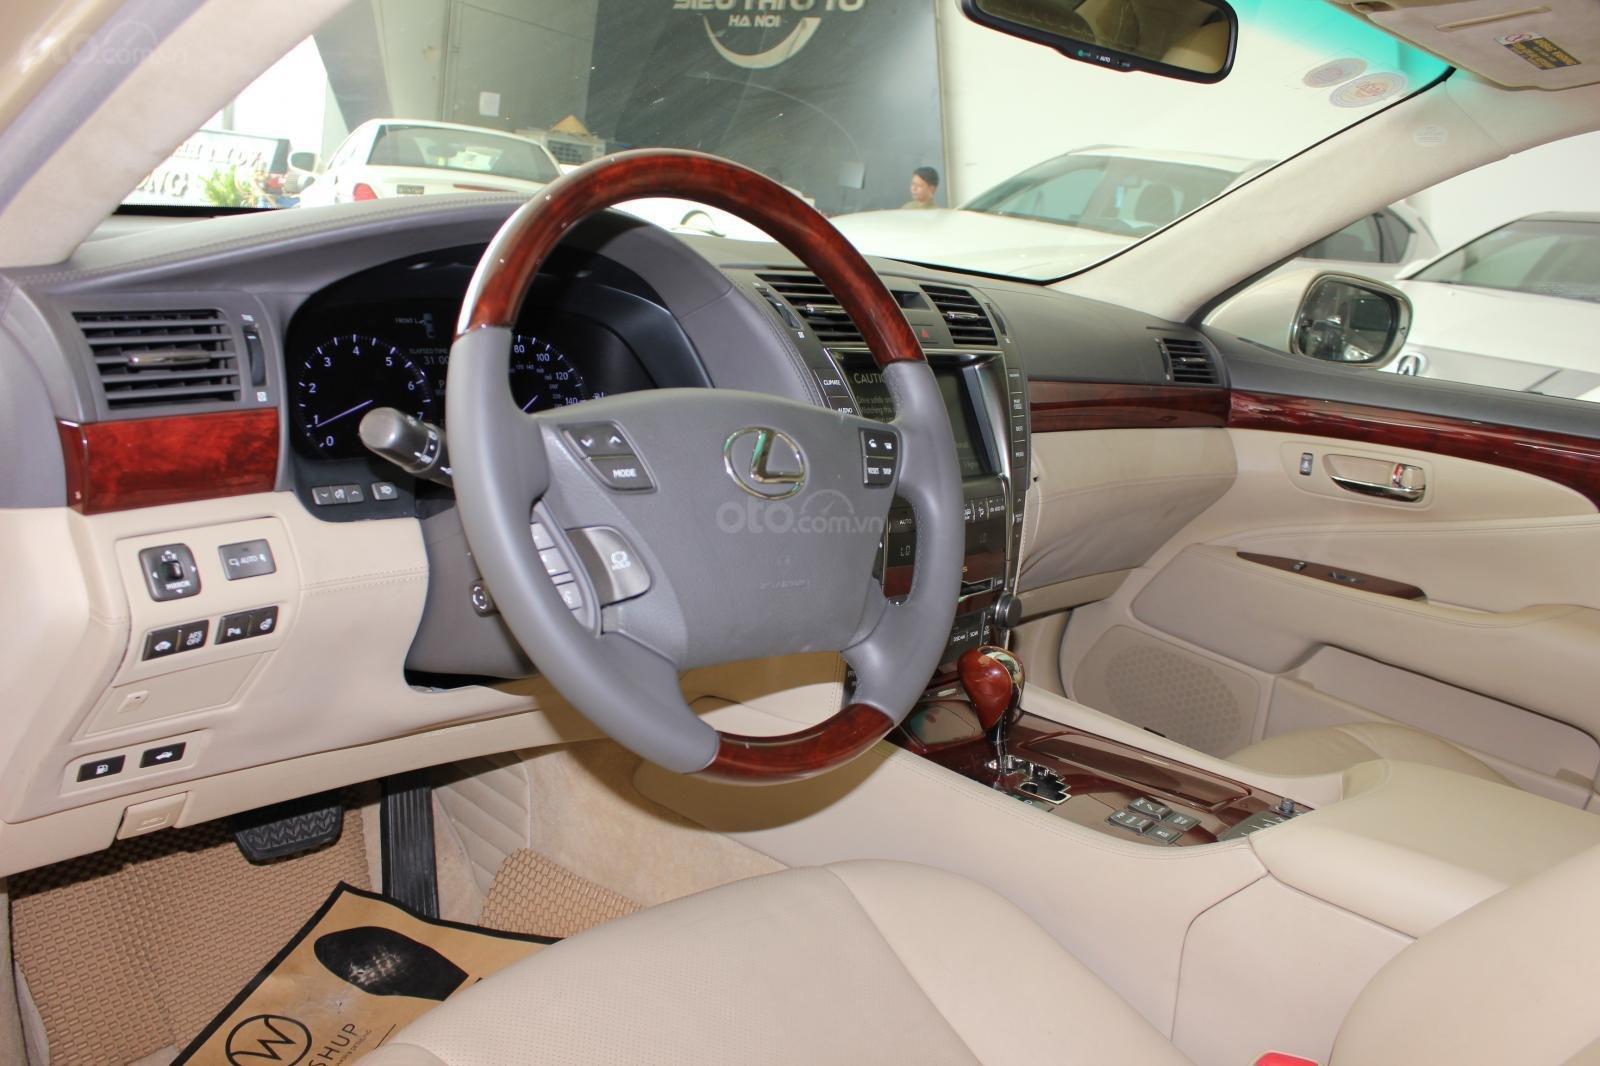 Cần bán xe Lexus LS 600HL 5.0 xăng điện 2008, màu vàng, nhập khẩu (7)